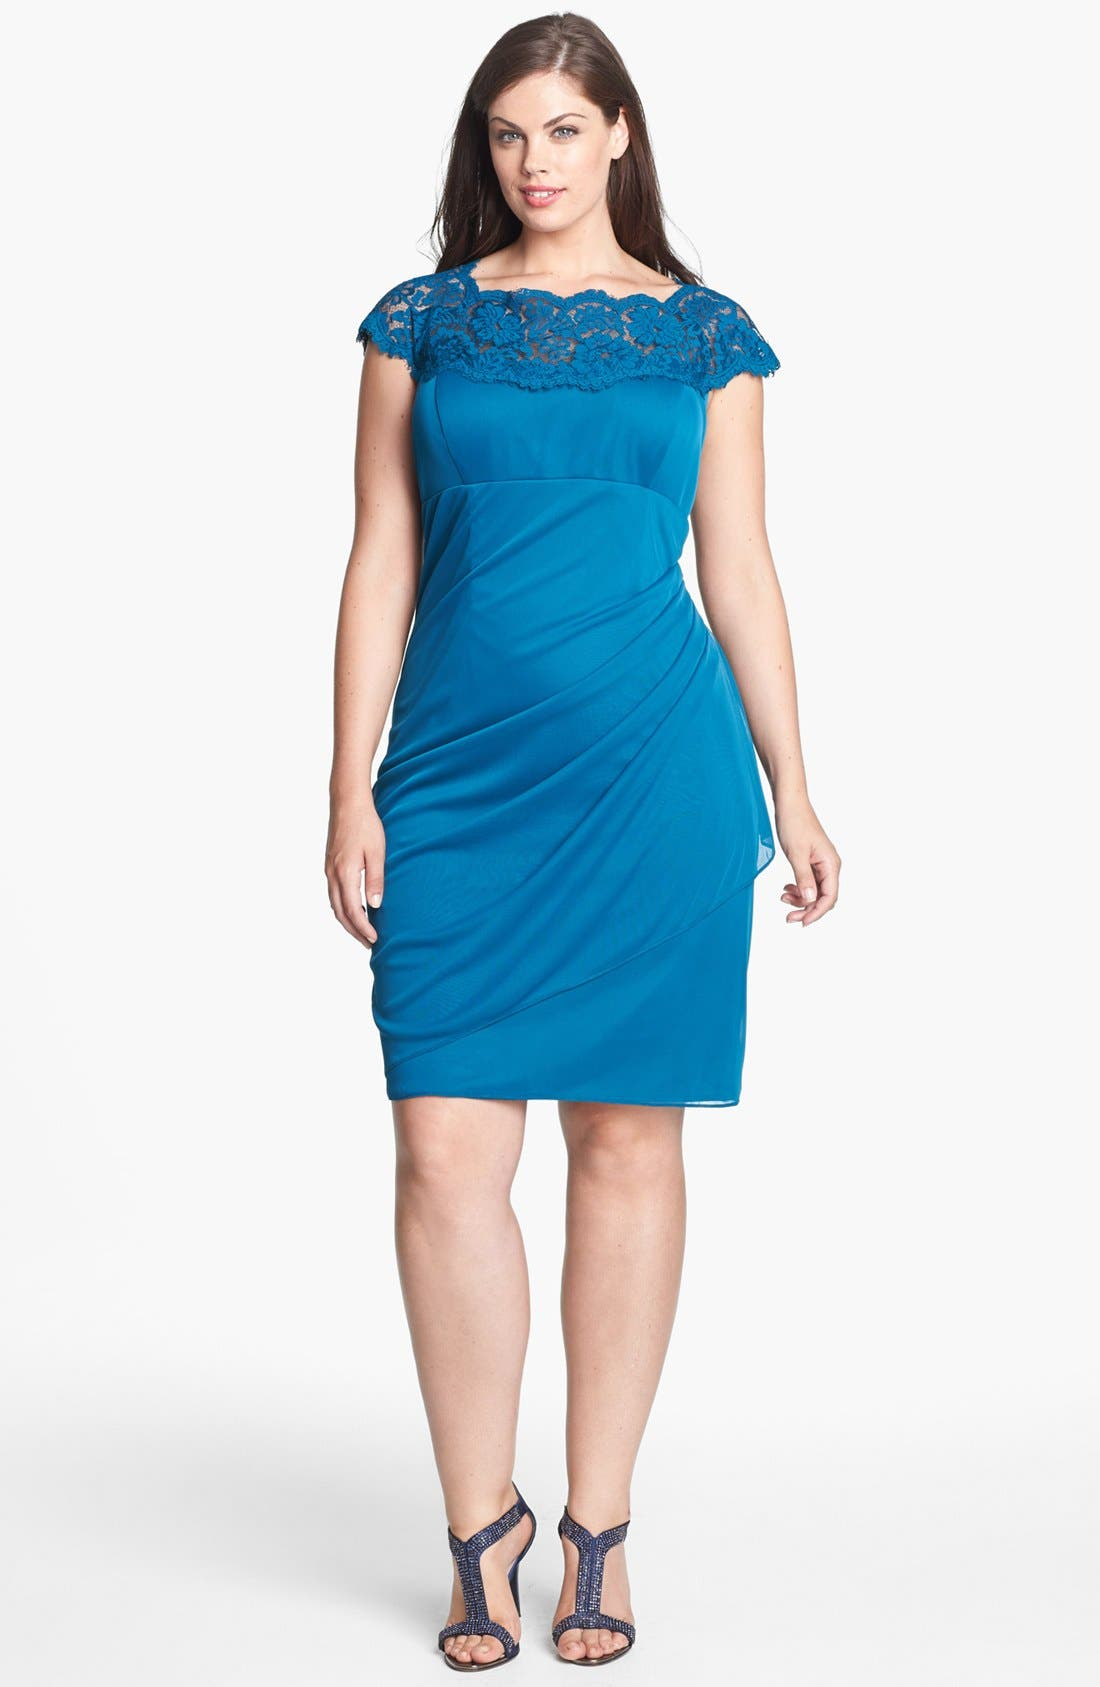 Alternate Image 1 Selected - Xscape Lace Yoke Ruched Mesh Sheath Dress (Plus Size)